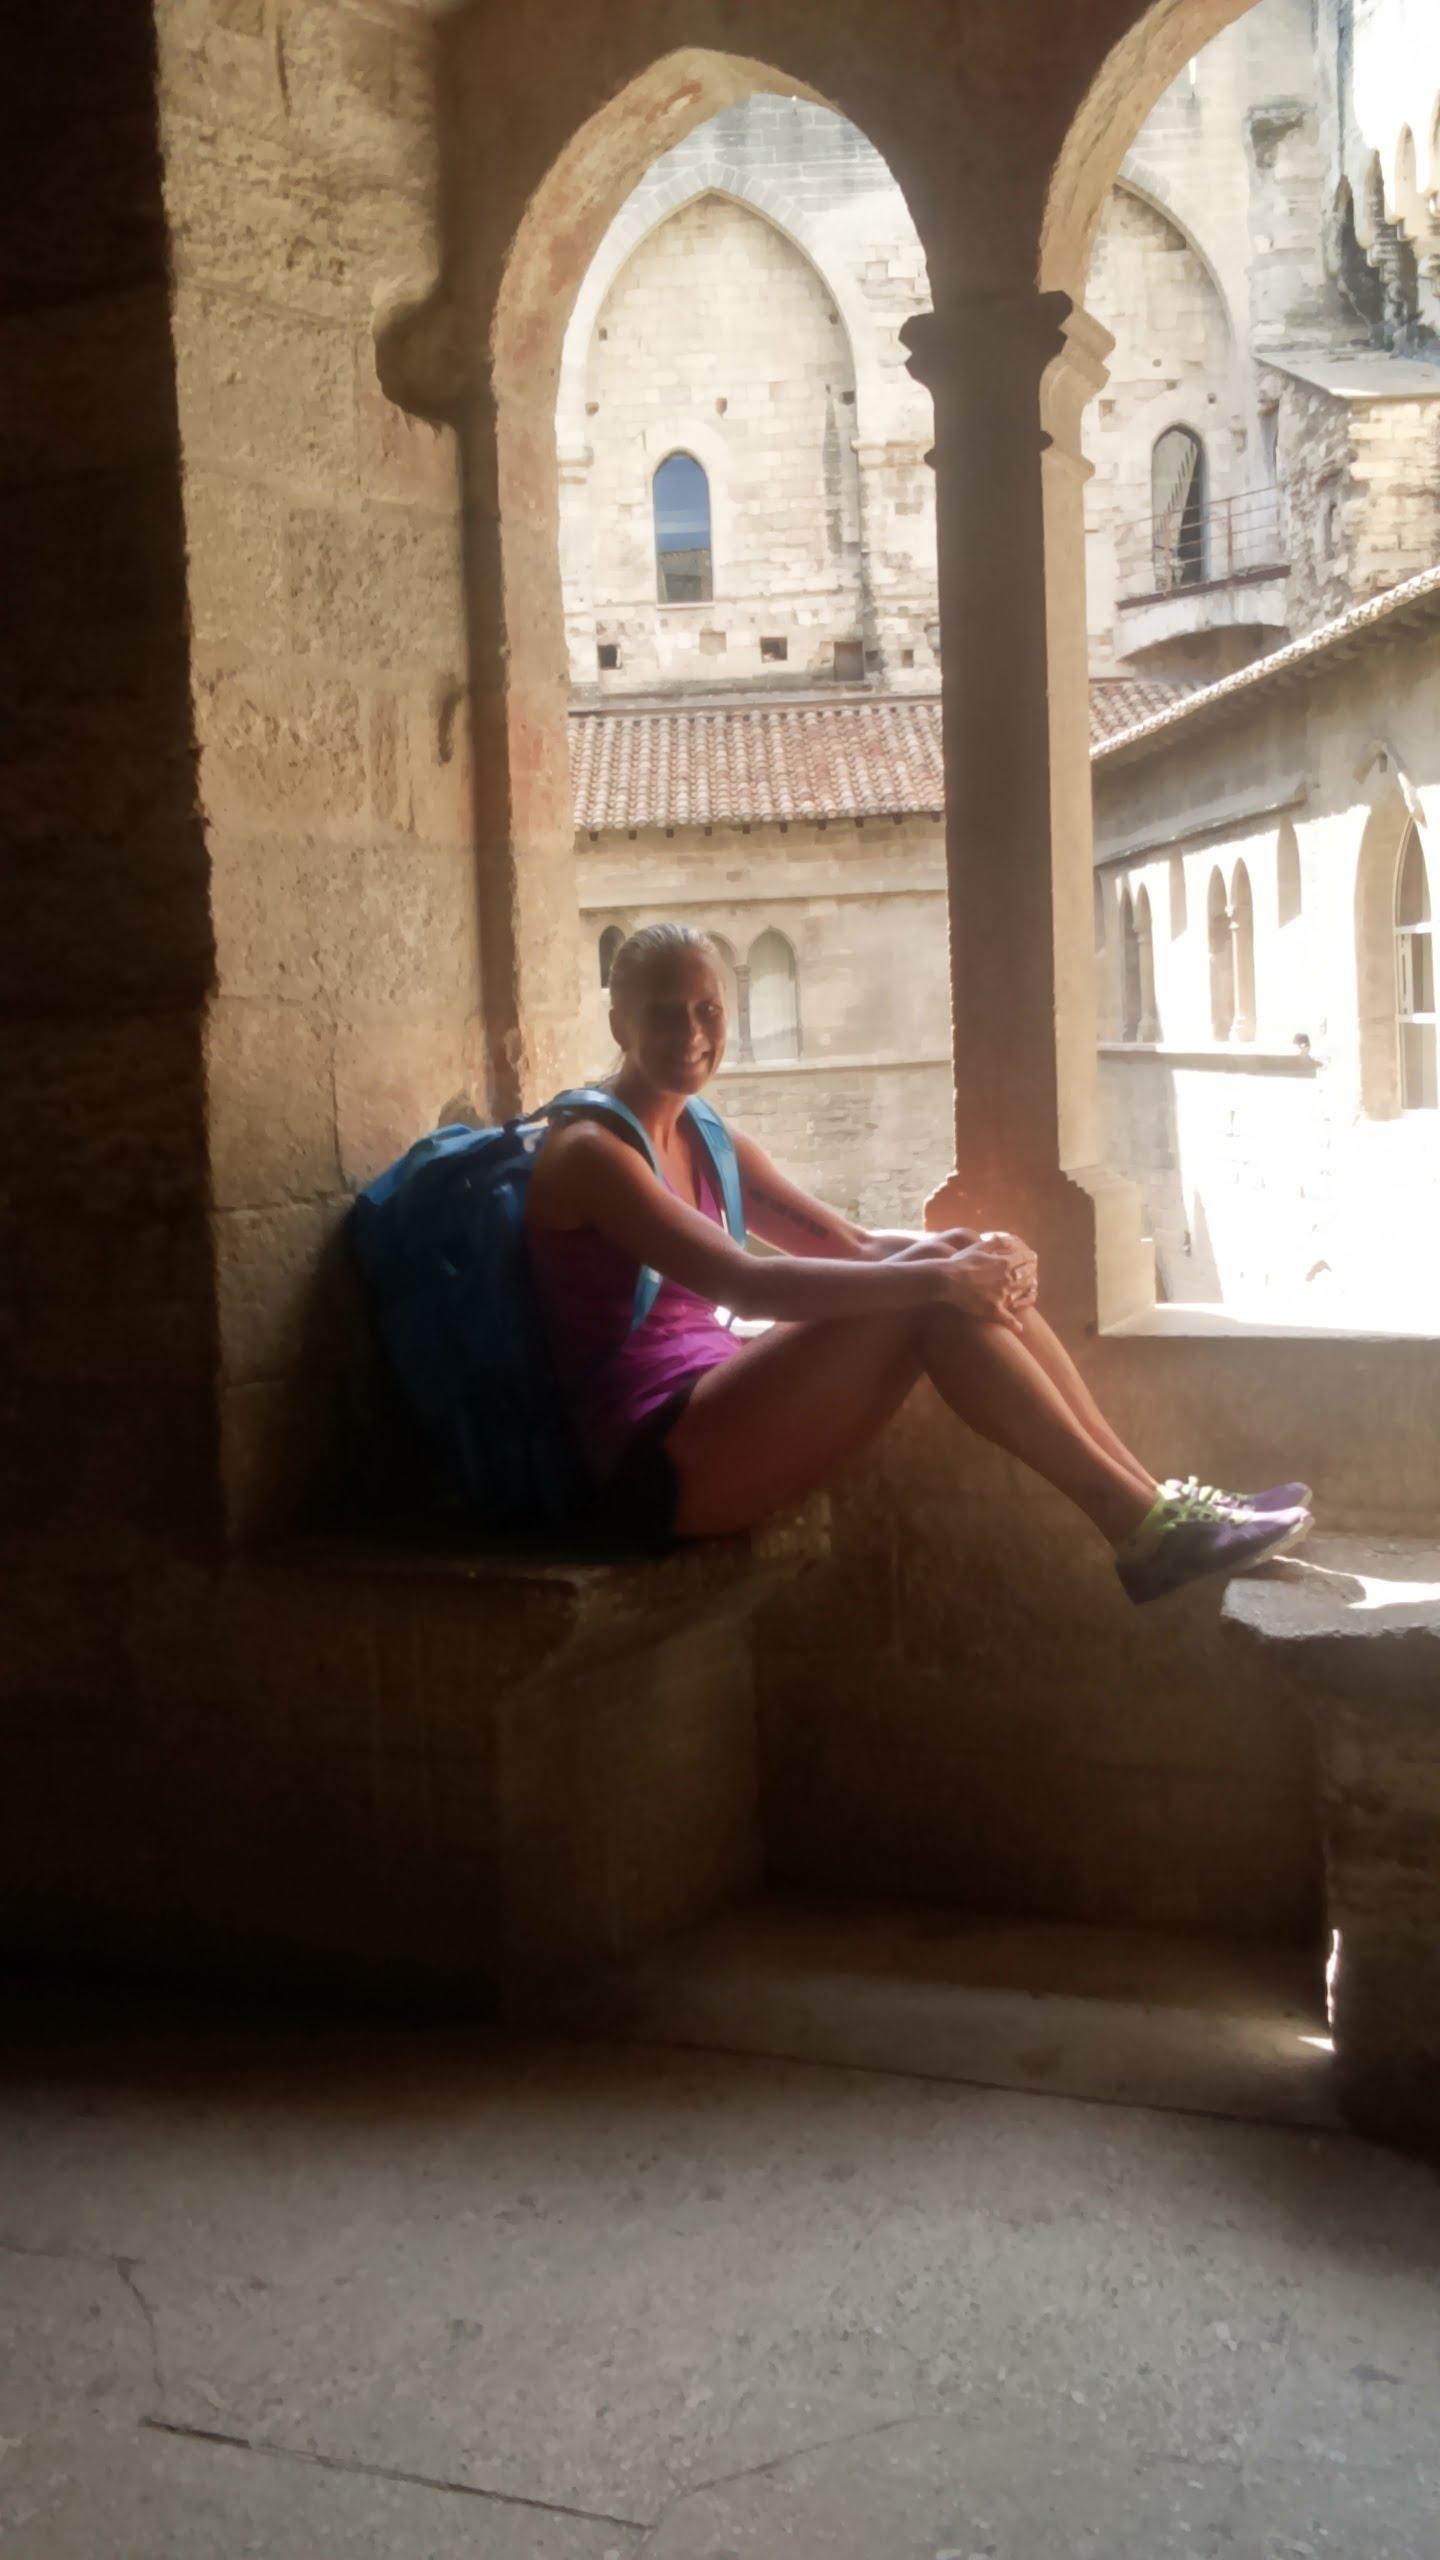 En hektisk dag med mycket tågresor och en hel massa medeltid. Behövde ta en paus ibland. Undrar hur många munkar som suttit i detta fönster innan mig.